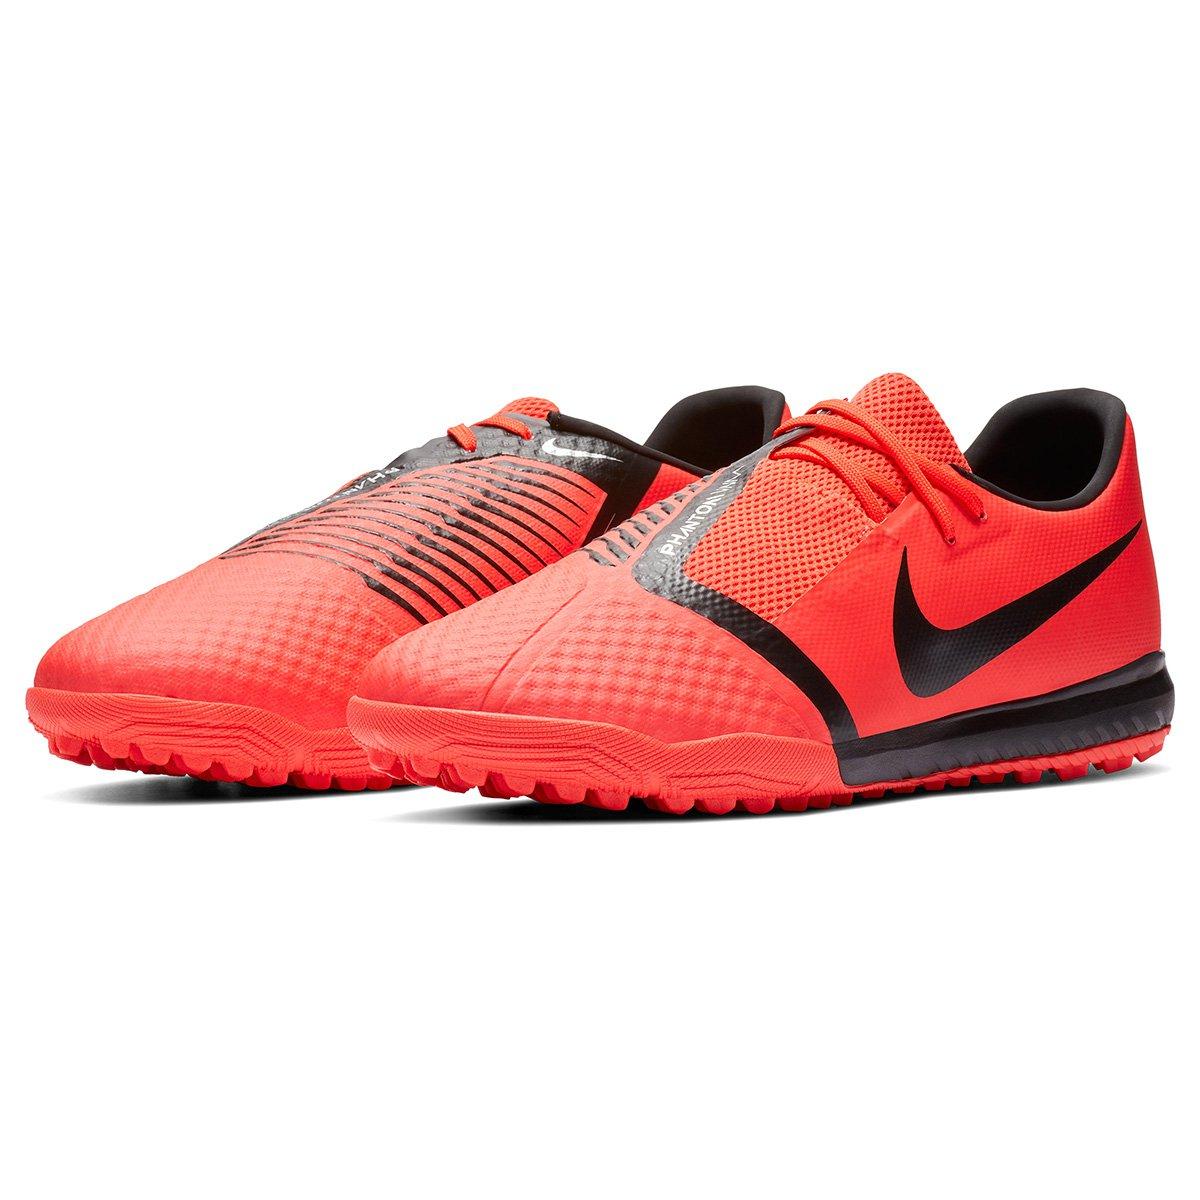 Chuteira Society Nike Phantom Venom Academy TF - Vermelho e Preto ... 32cb8d963dd5c